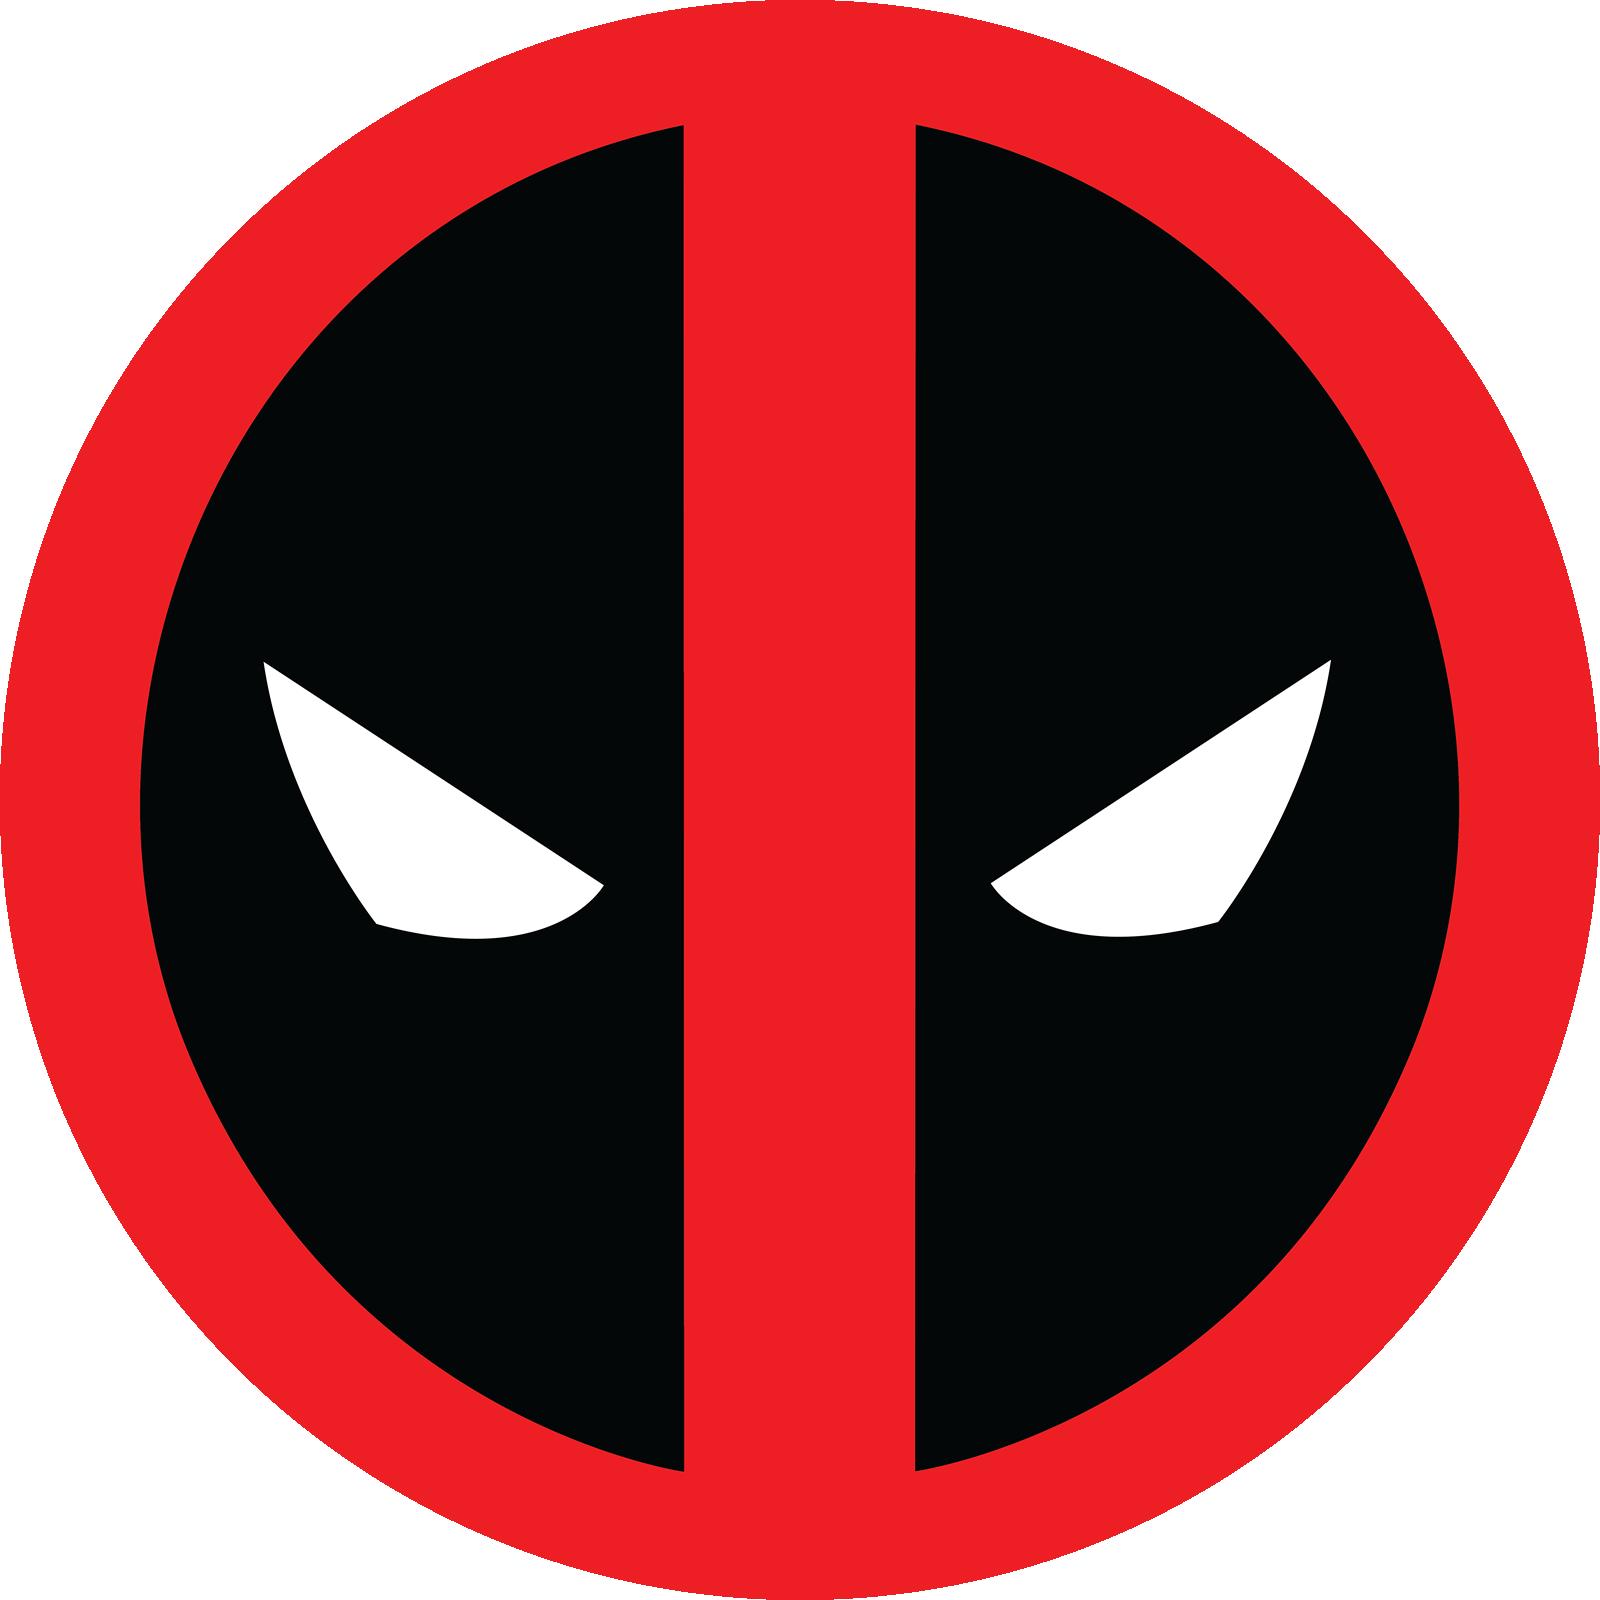 Printable Superhero Logos Deadpool - Year of Clean Water